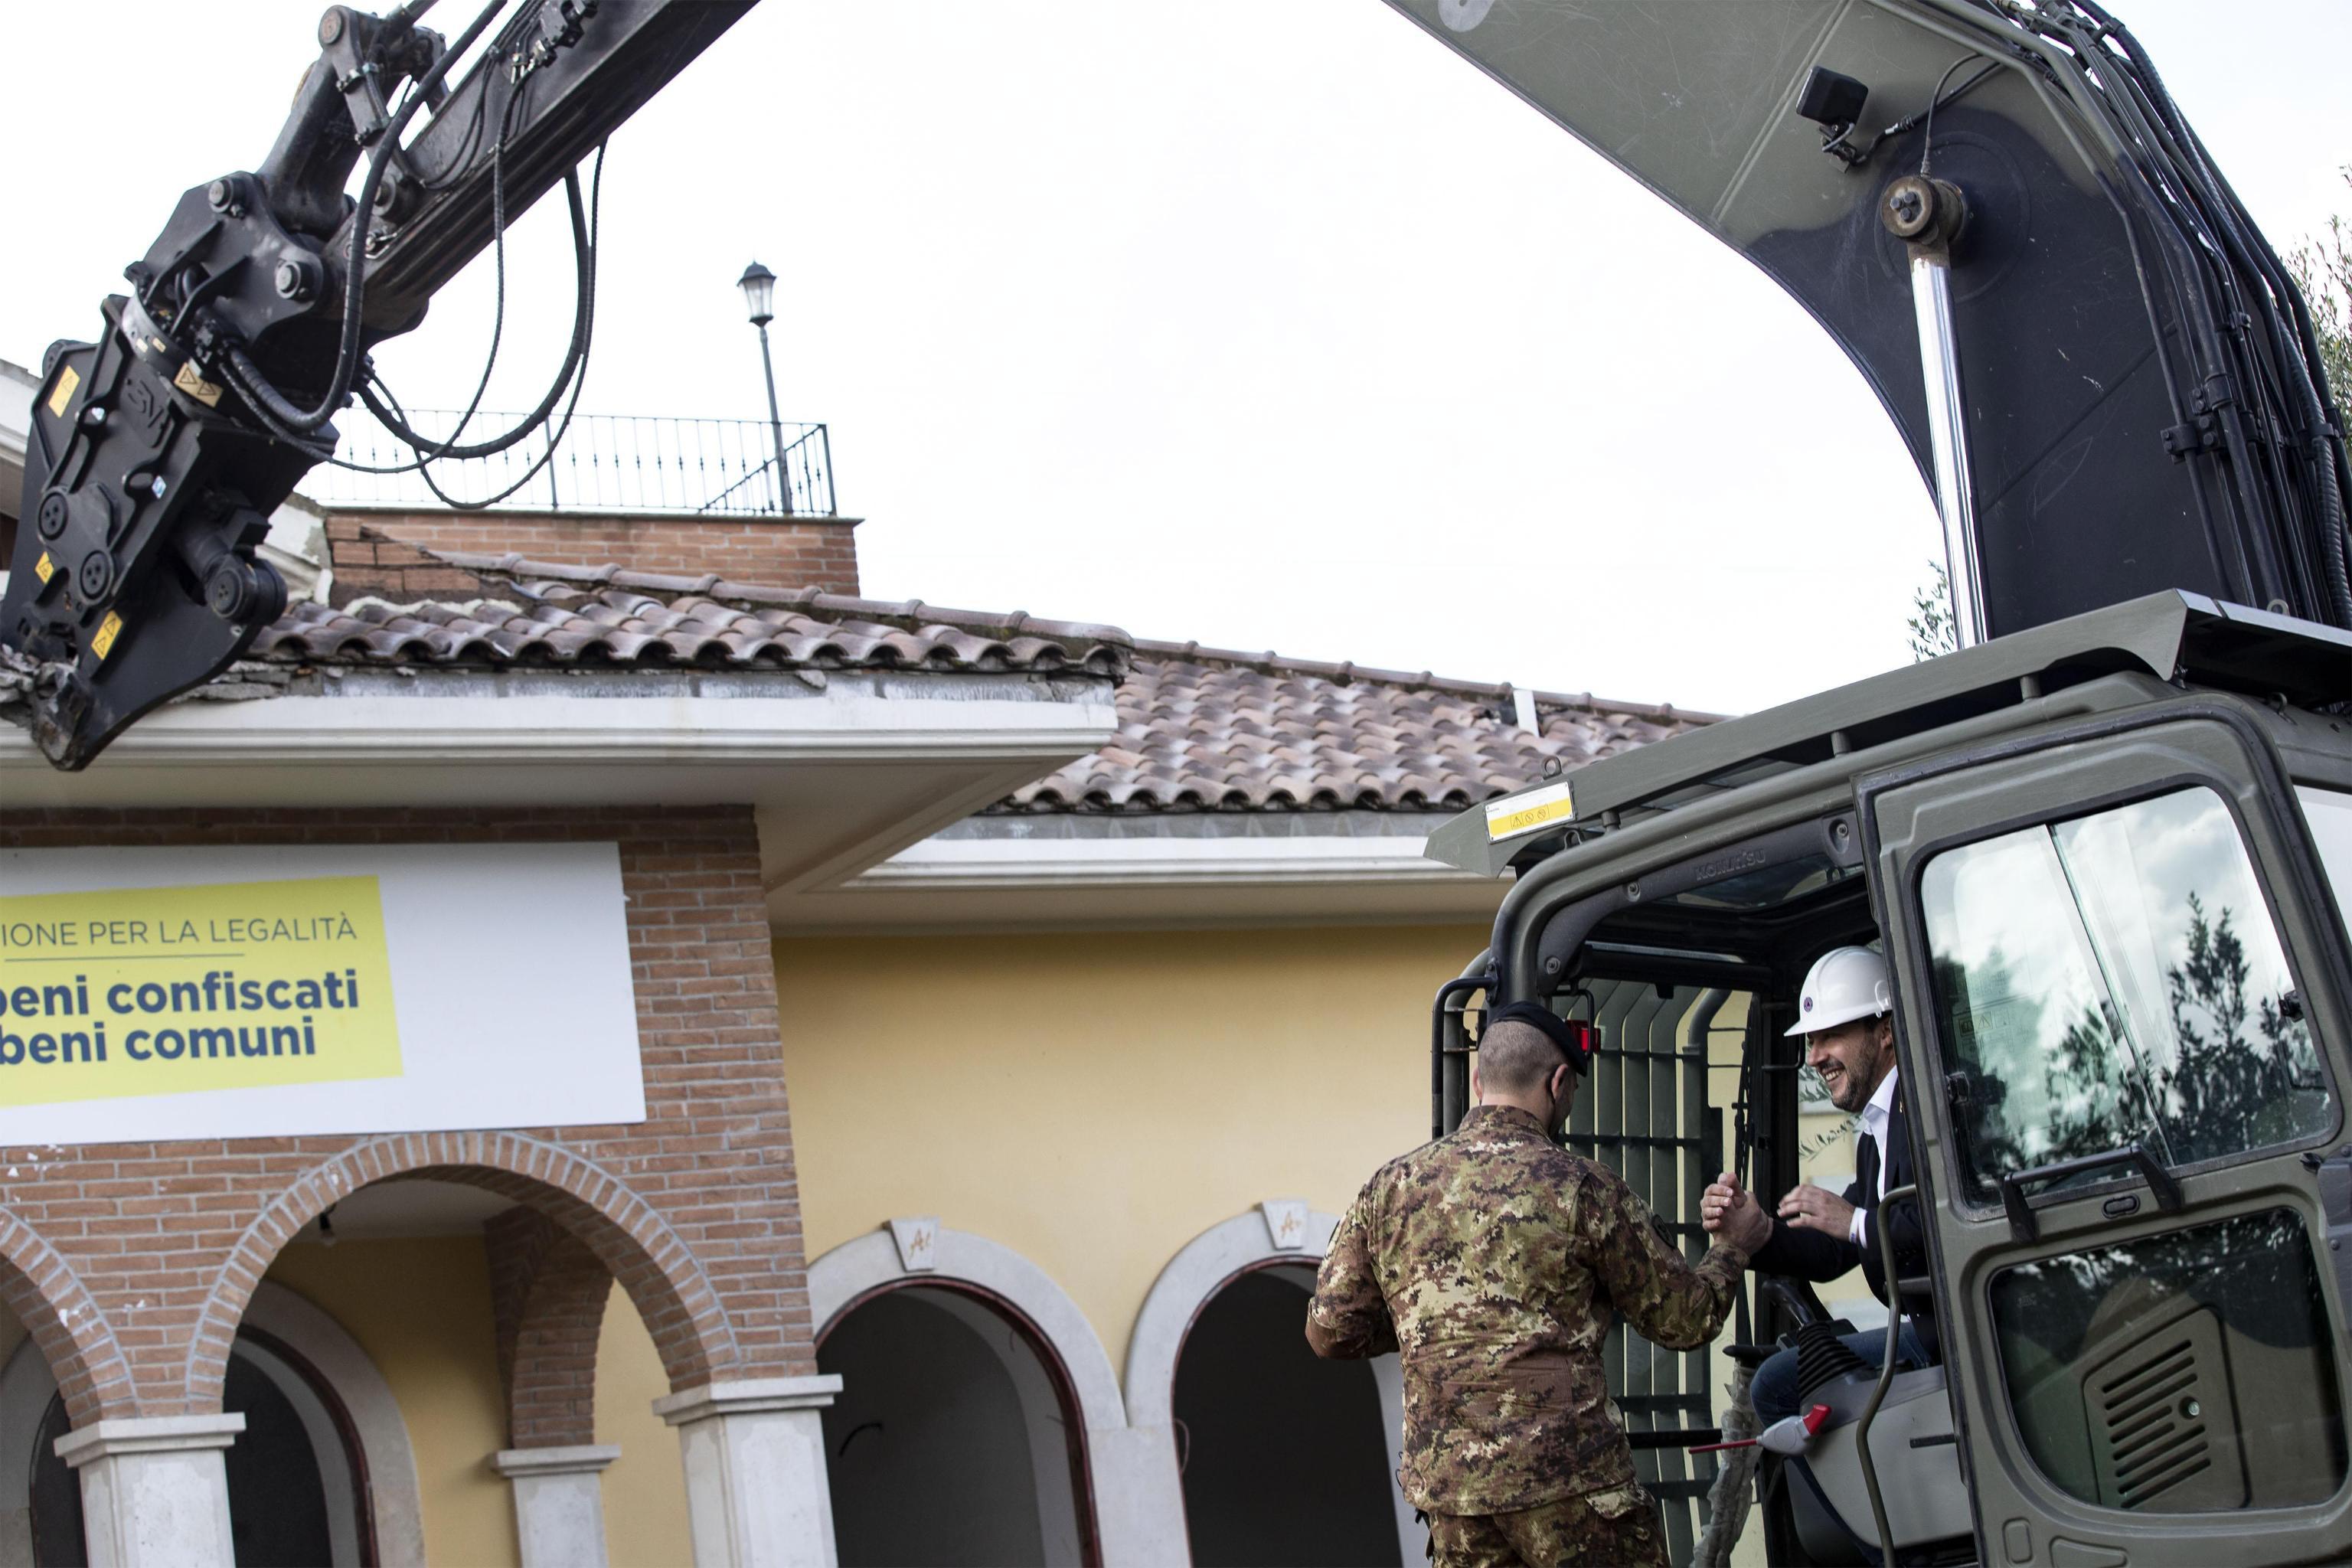 Salvini optužen da je kompromitirao policijsku akciju preuranjenim tvitom